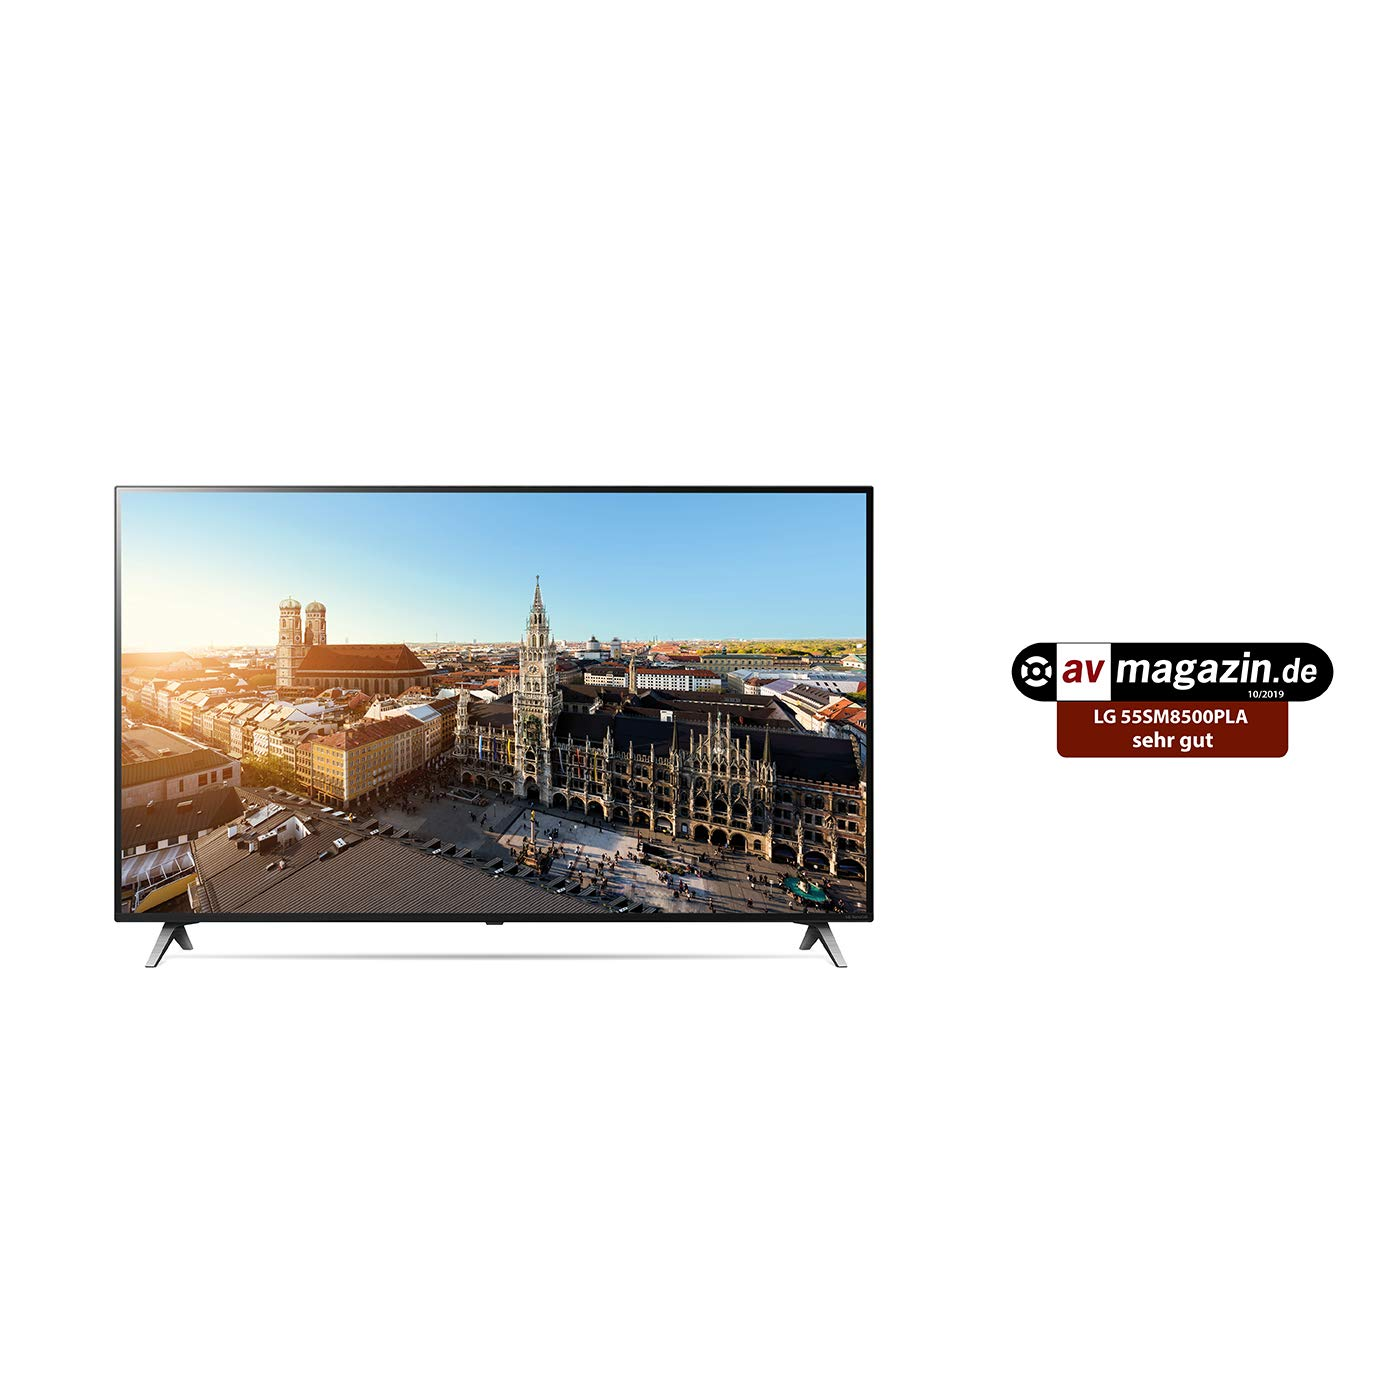 2 Color Negro con Alexa Integrada LG 65SM8500PLA 65 Smart TV NanoCell 4K UHD de 164 cm 100/% HDR y Dolby Atmos Procesador Inteligente Alpha 7 Gen Deep Learning